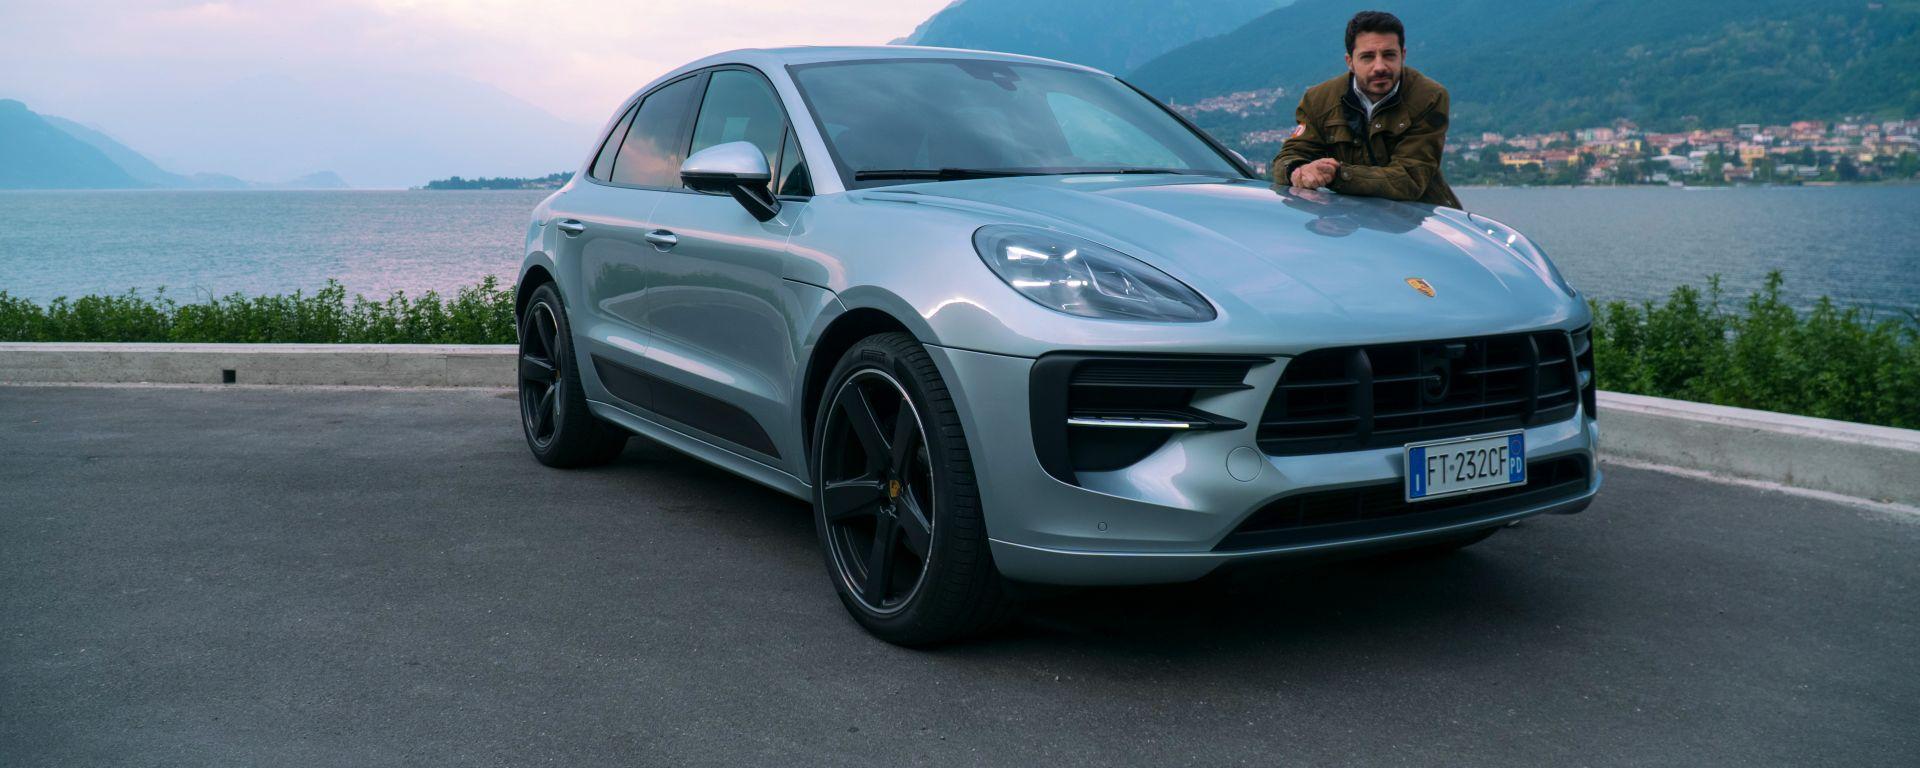 Porsche Macan 2019: la scegliereste ancora senza il diesel?